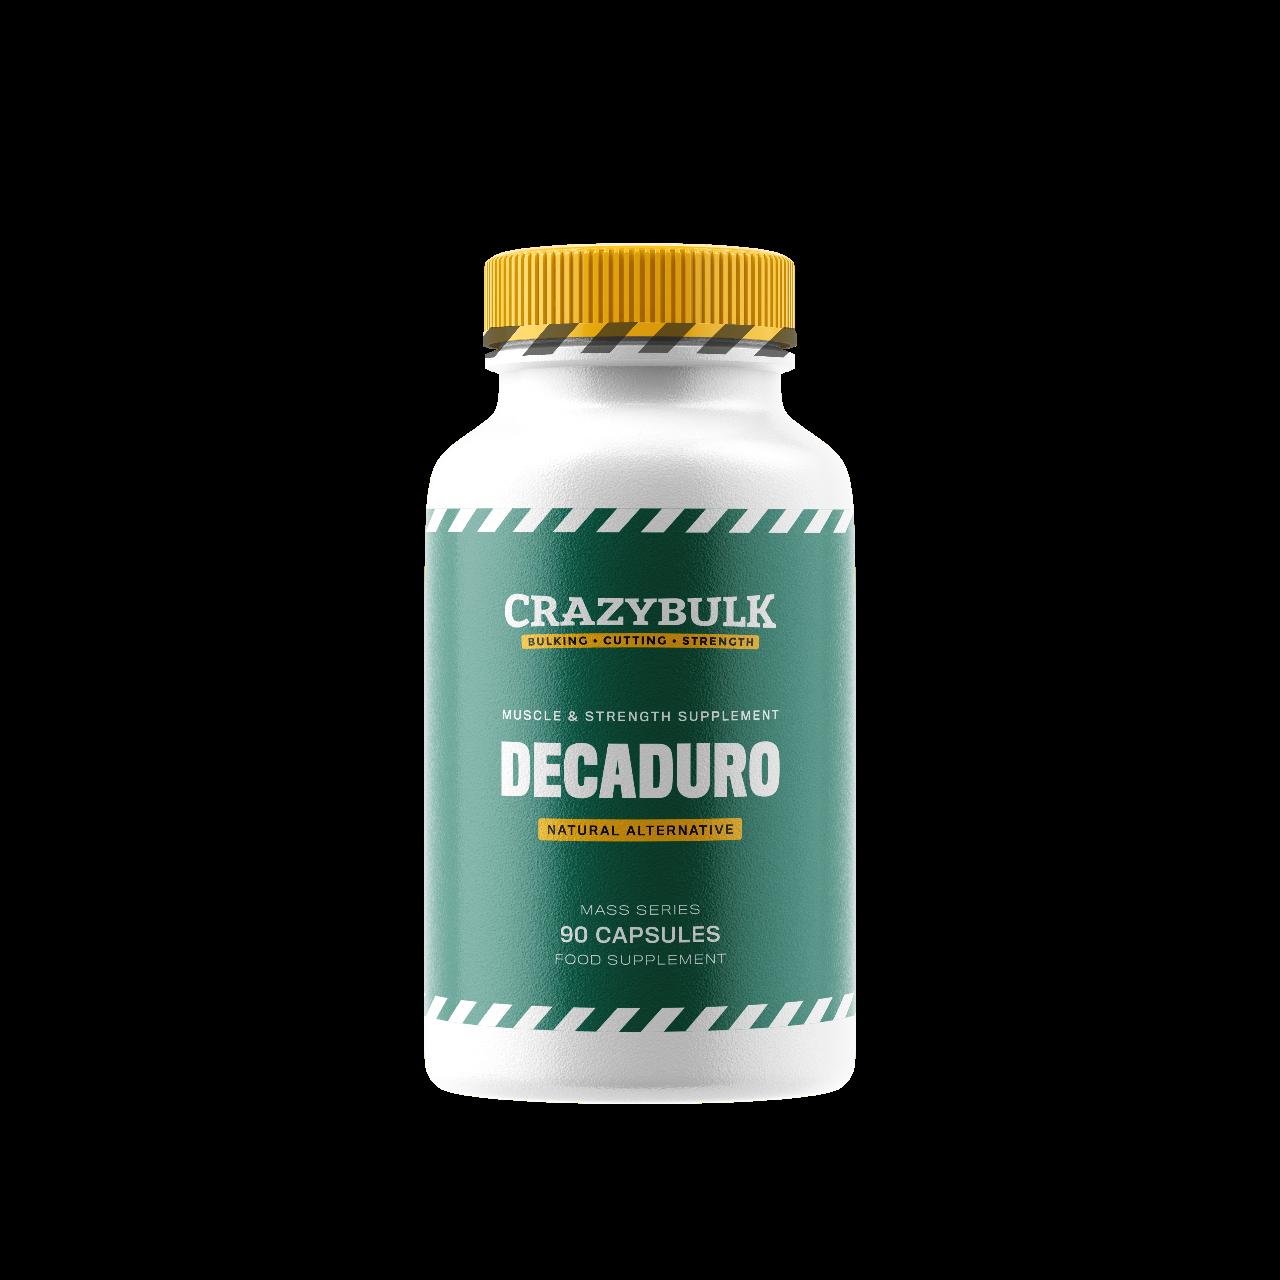 Decaduro supplement